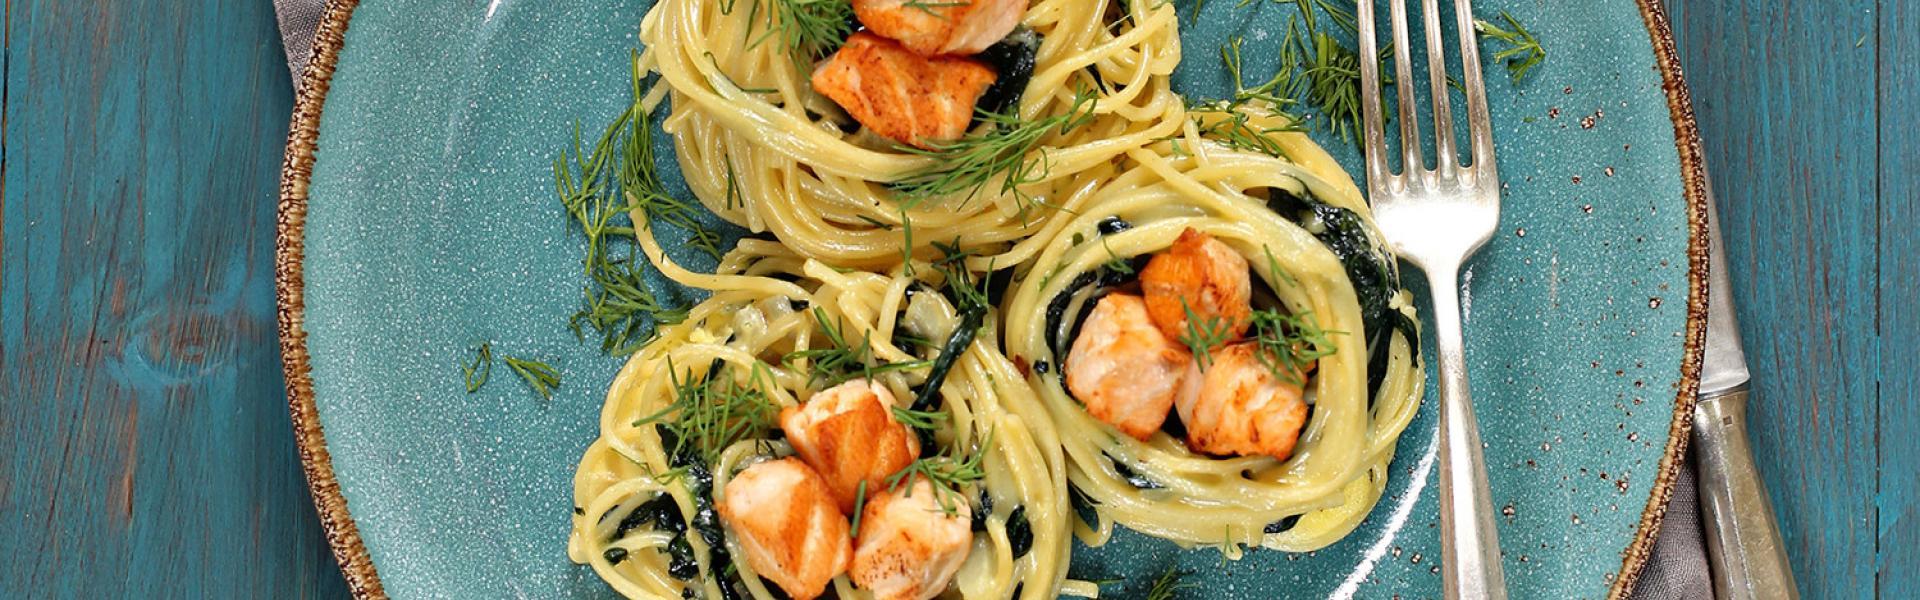 Lachs-Spaghettinester mit Gorgonzola und Spinat auf einem Teller.